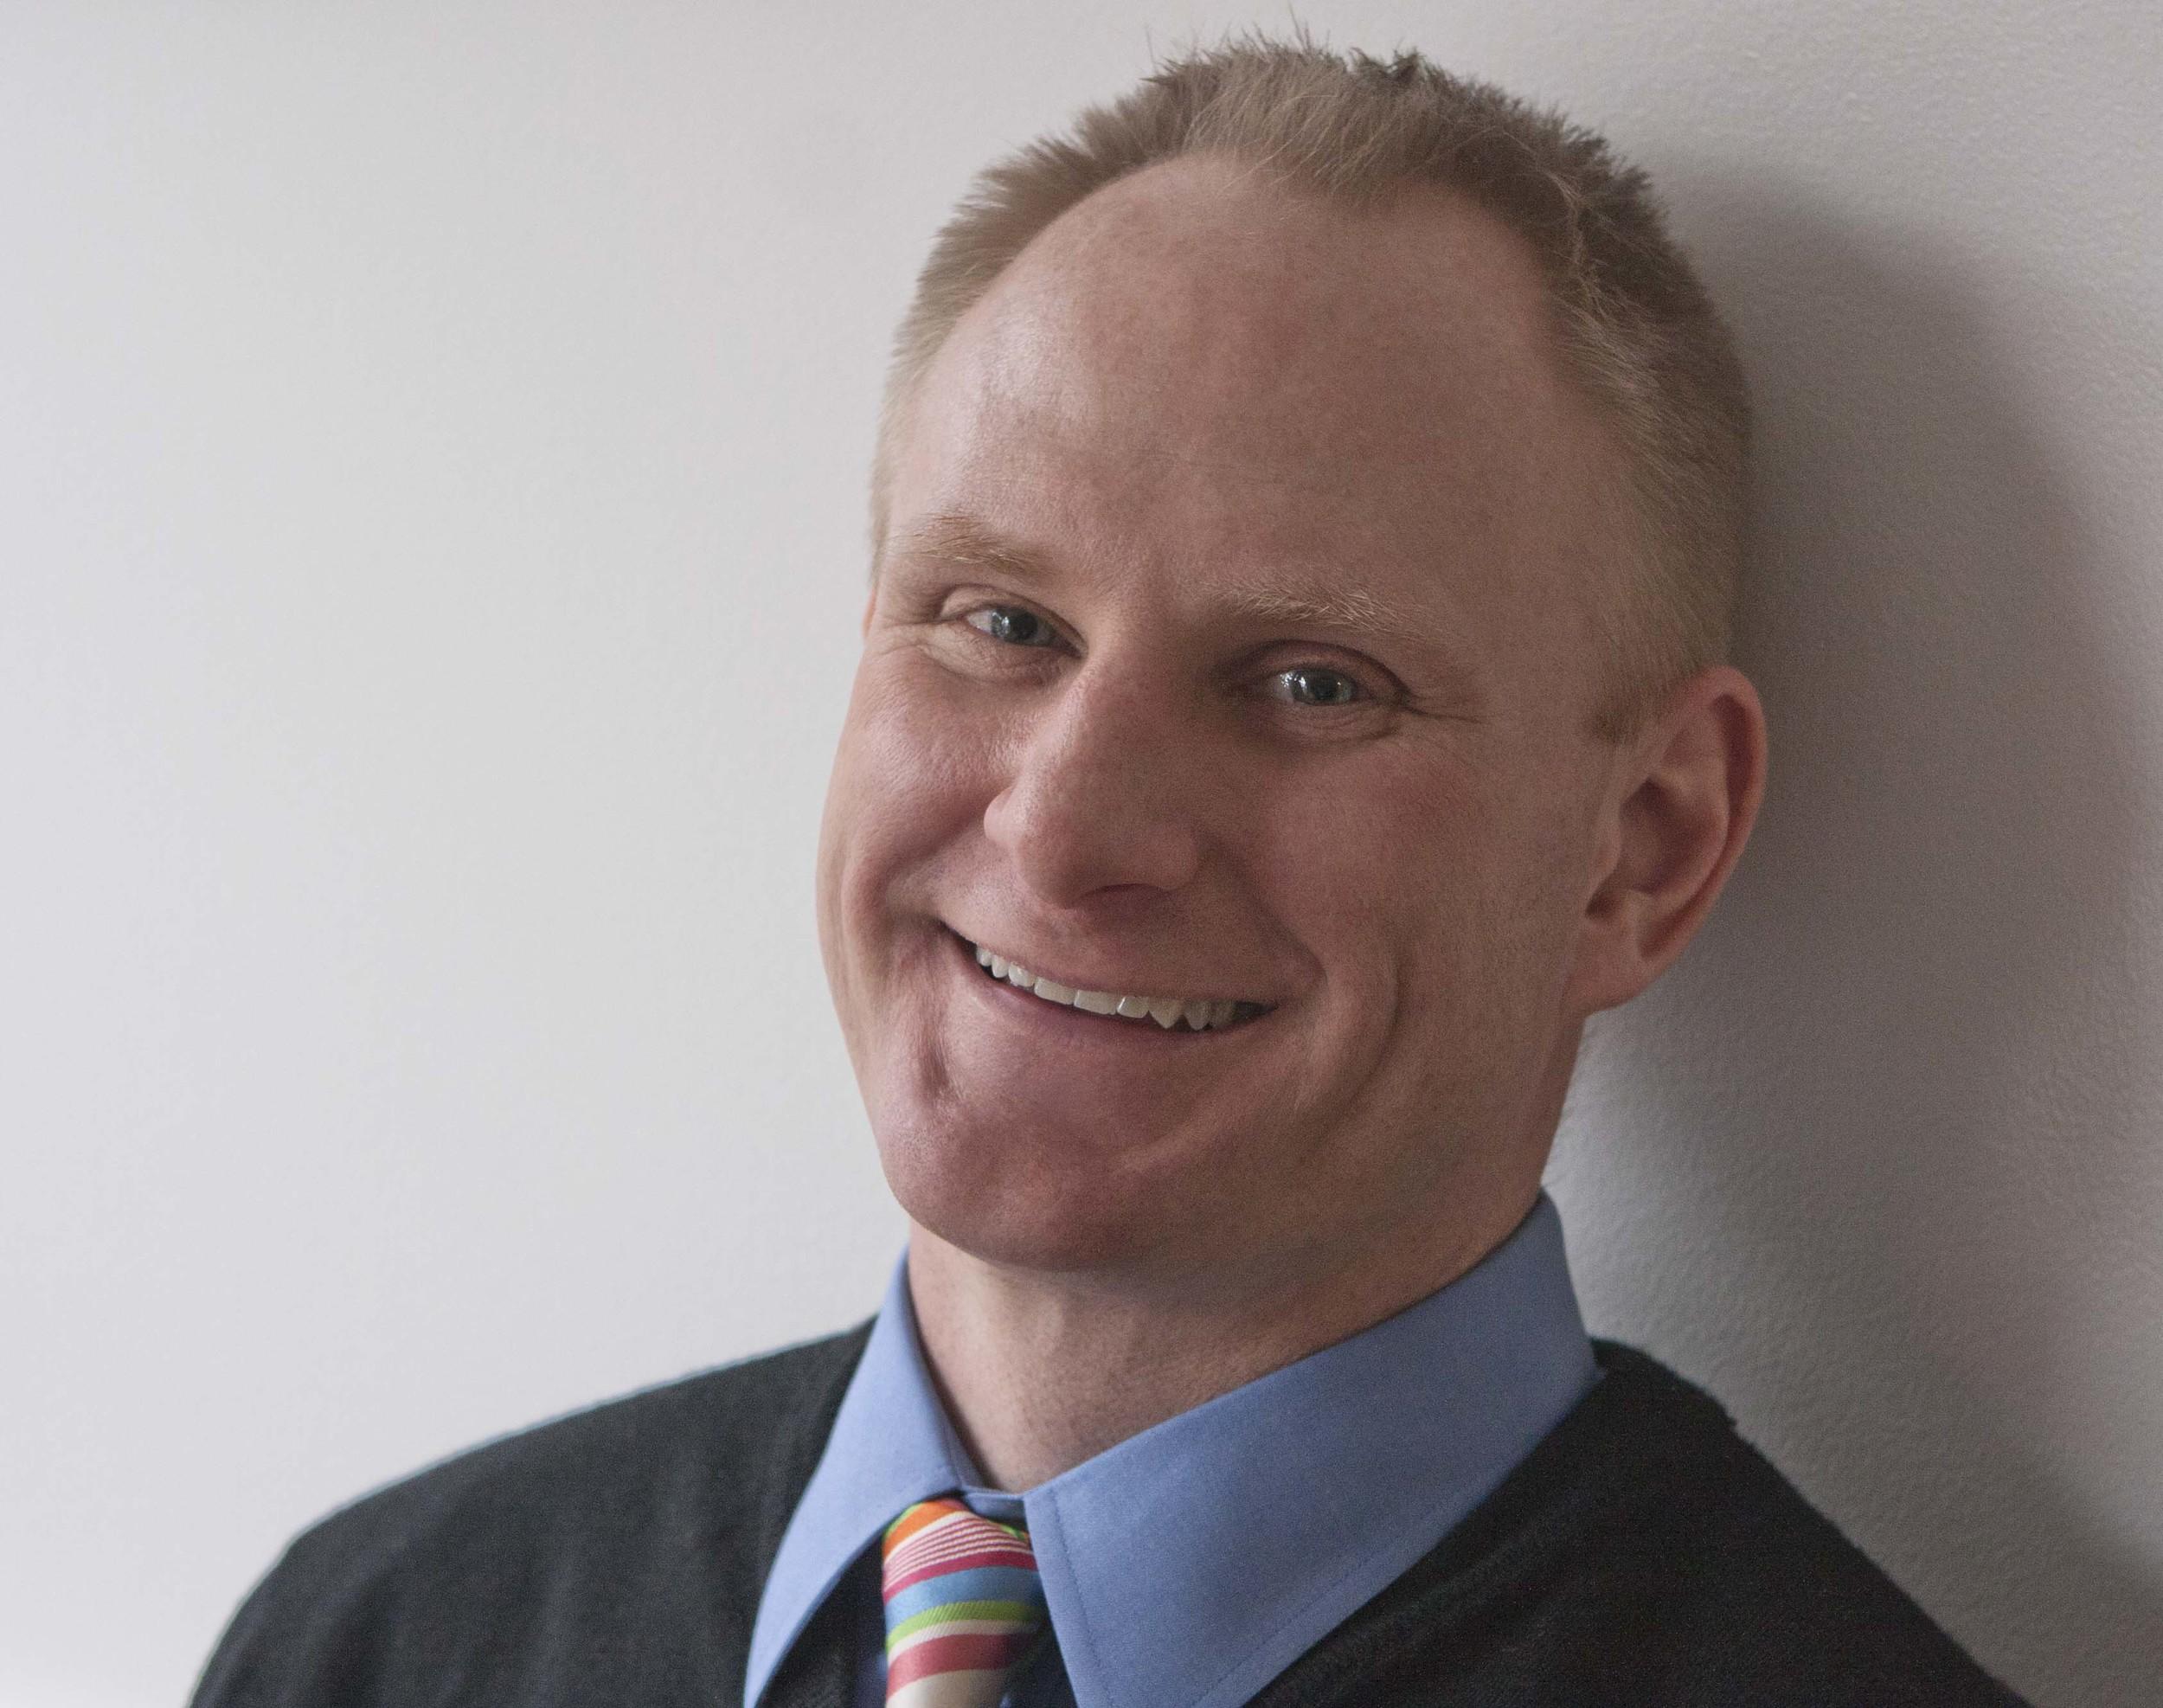 Thomas Donahue, DC, CCSP